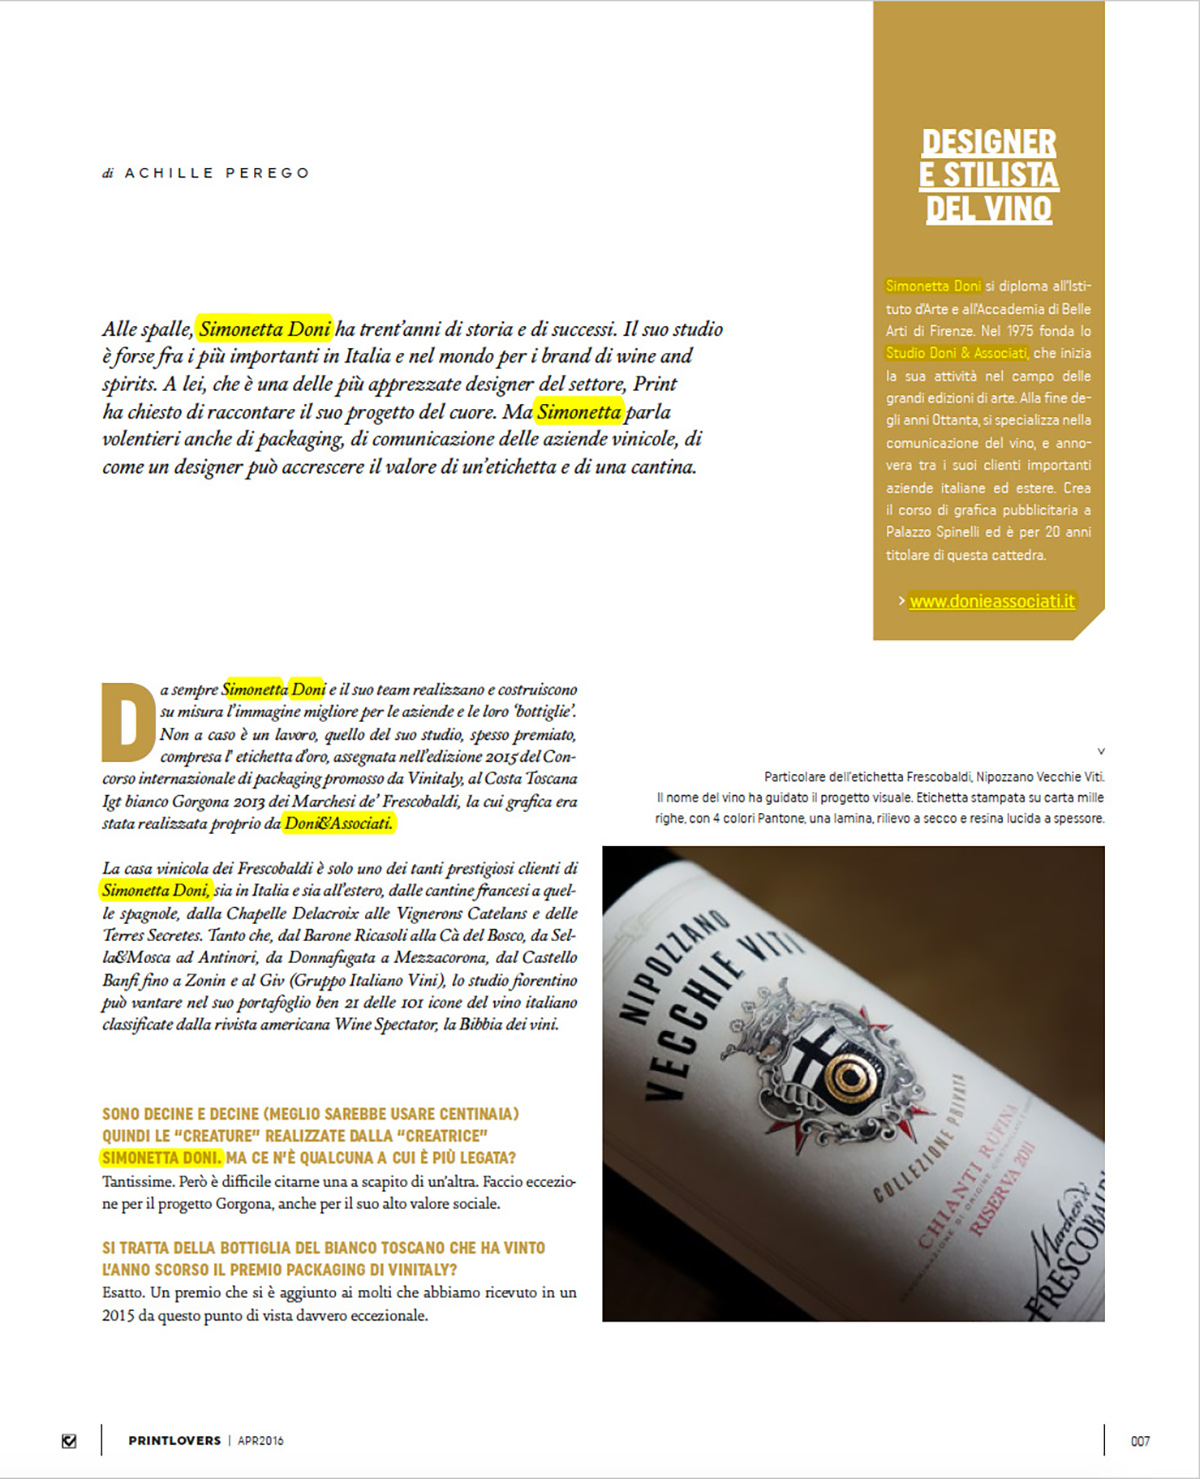 articolo-print-lovers-donieassociati-2